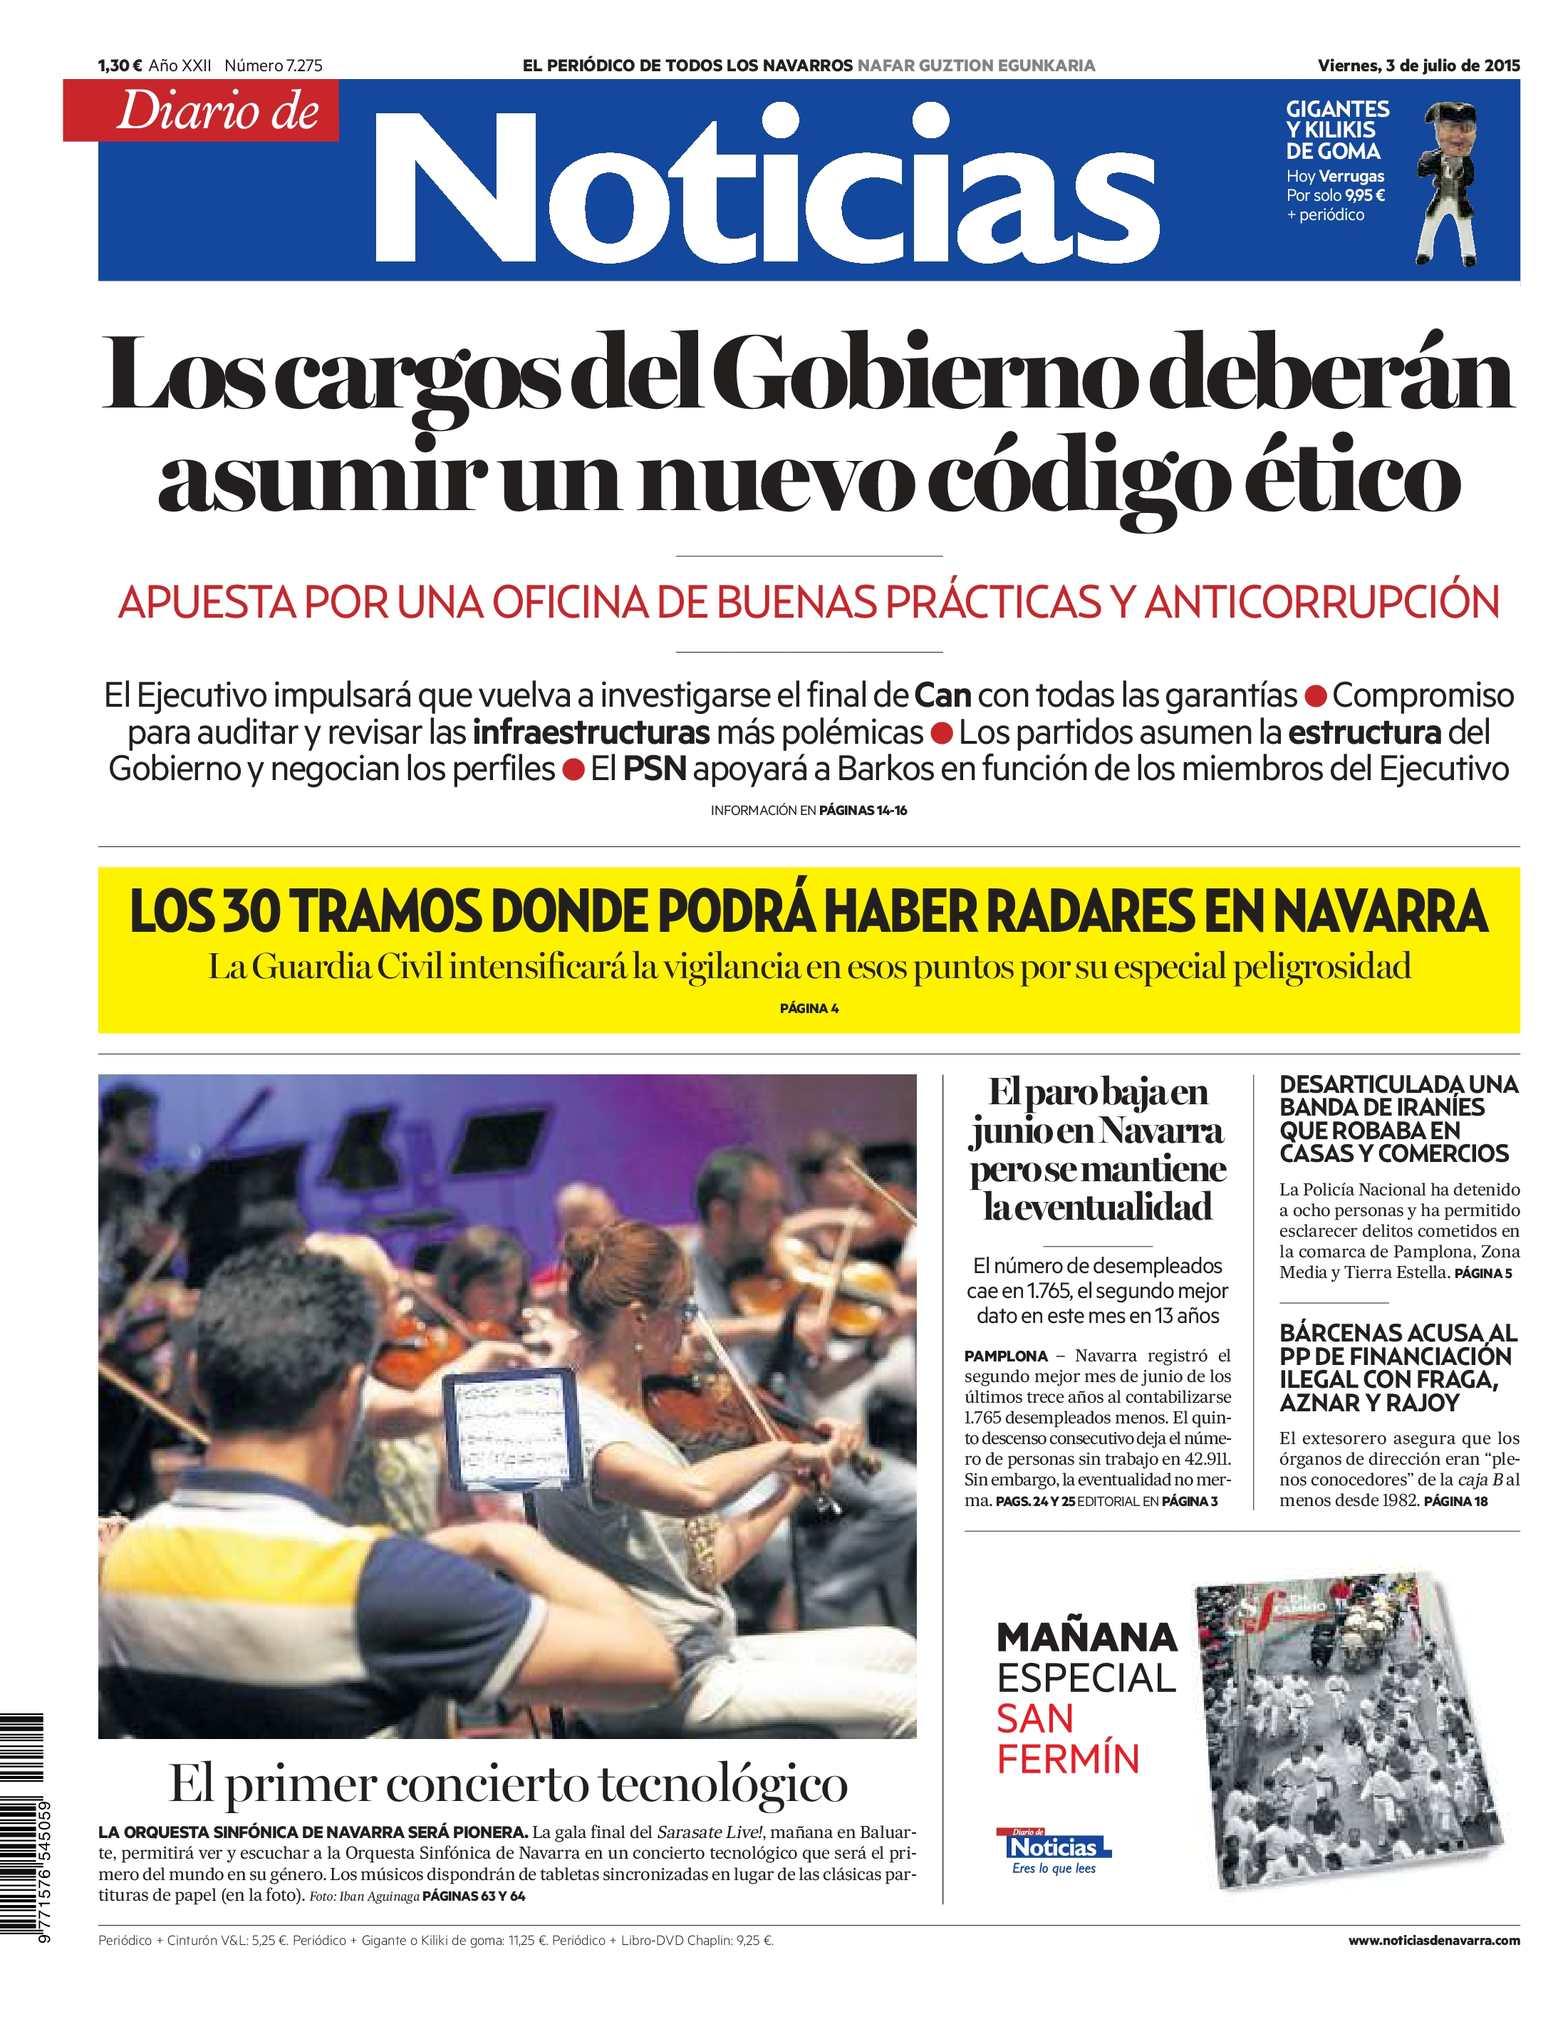 Calaméo - Diario de Noticias 20150703